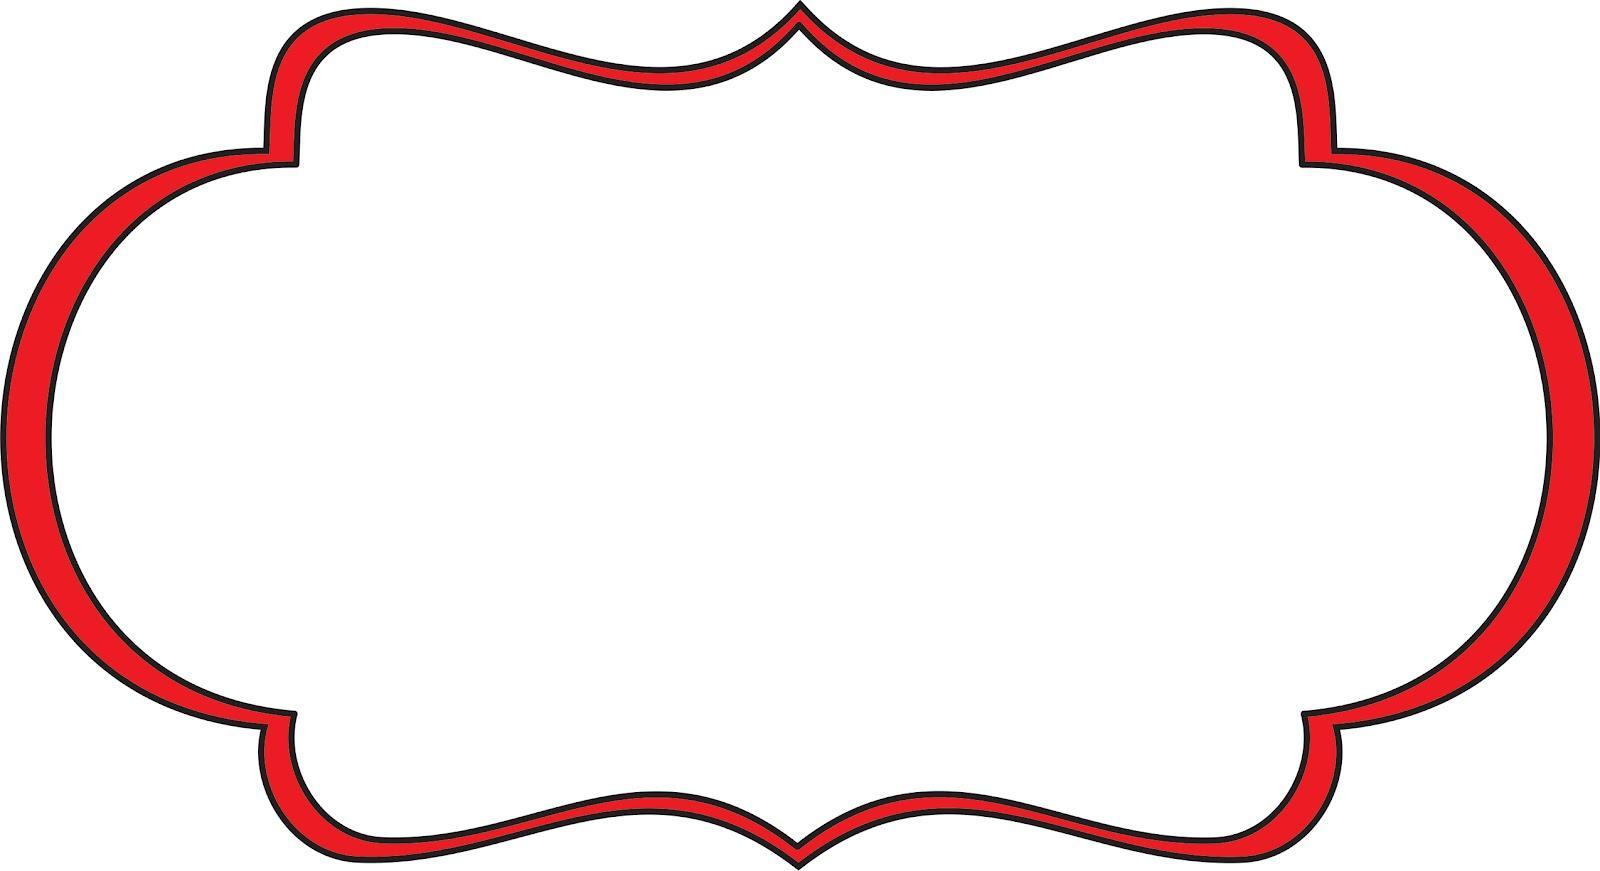 1600x871 Valuable Inspiration Clipart Dr Seuss Hat Fish Free Clip Art